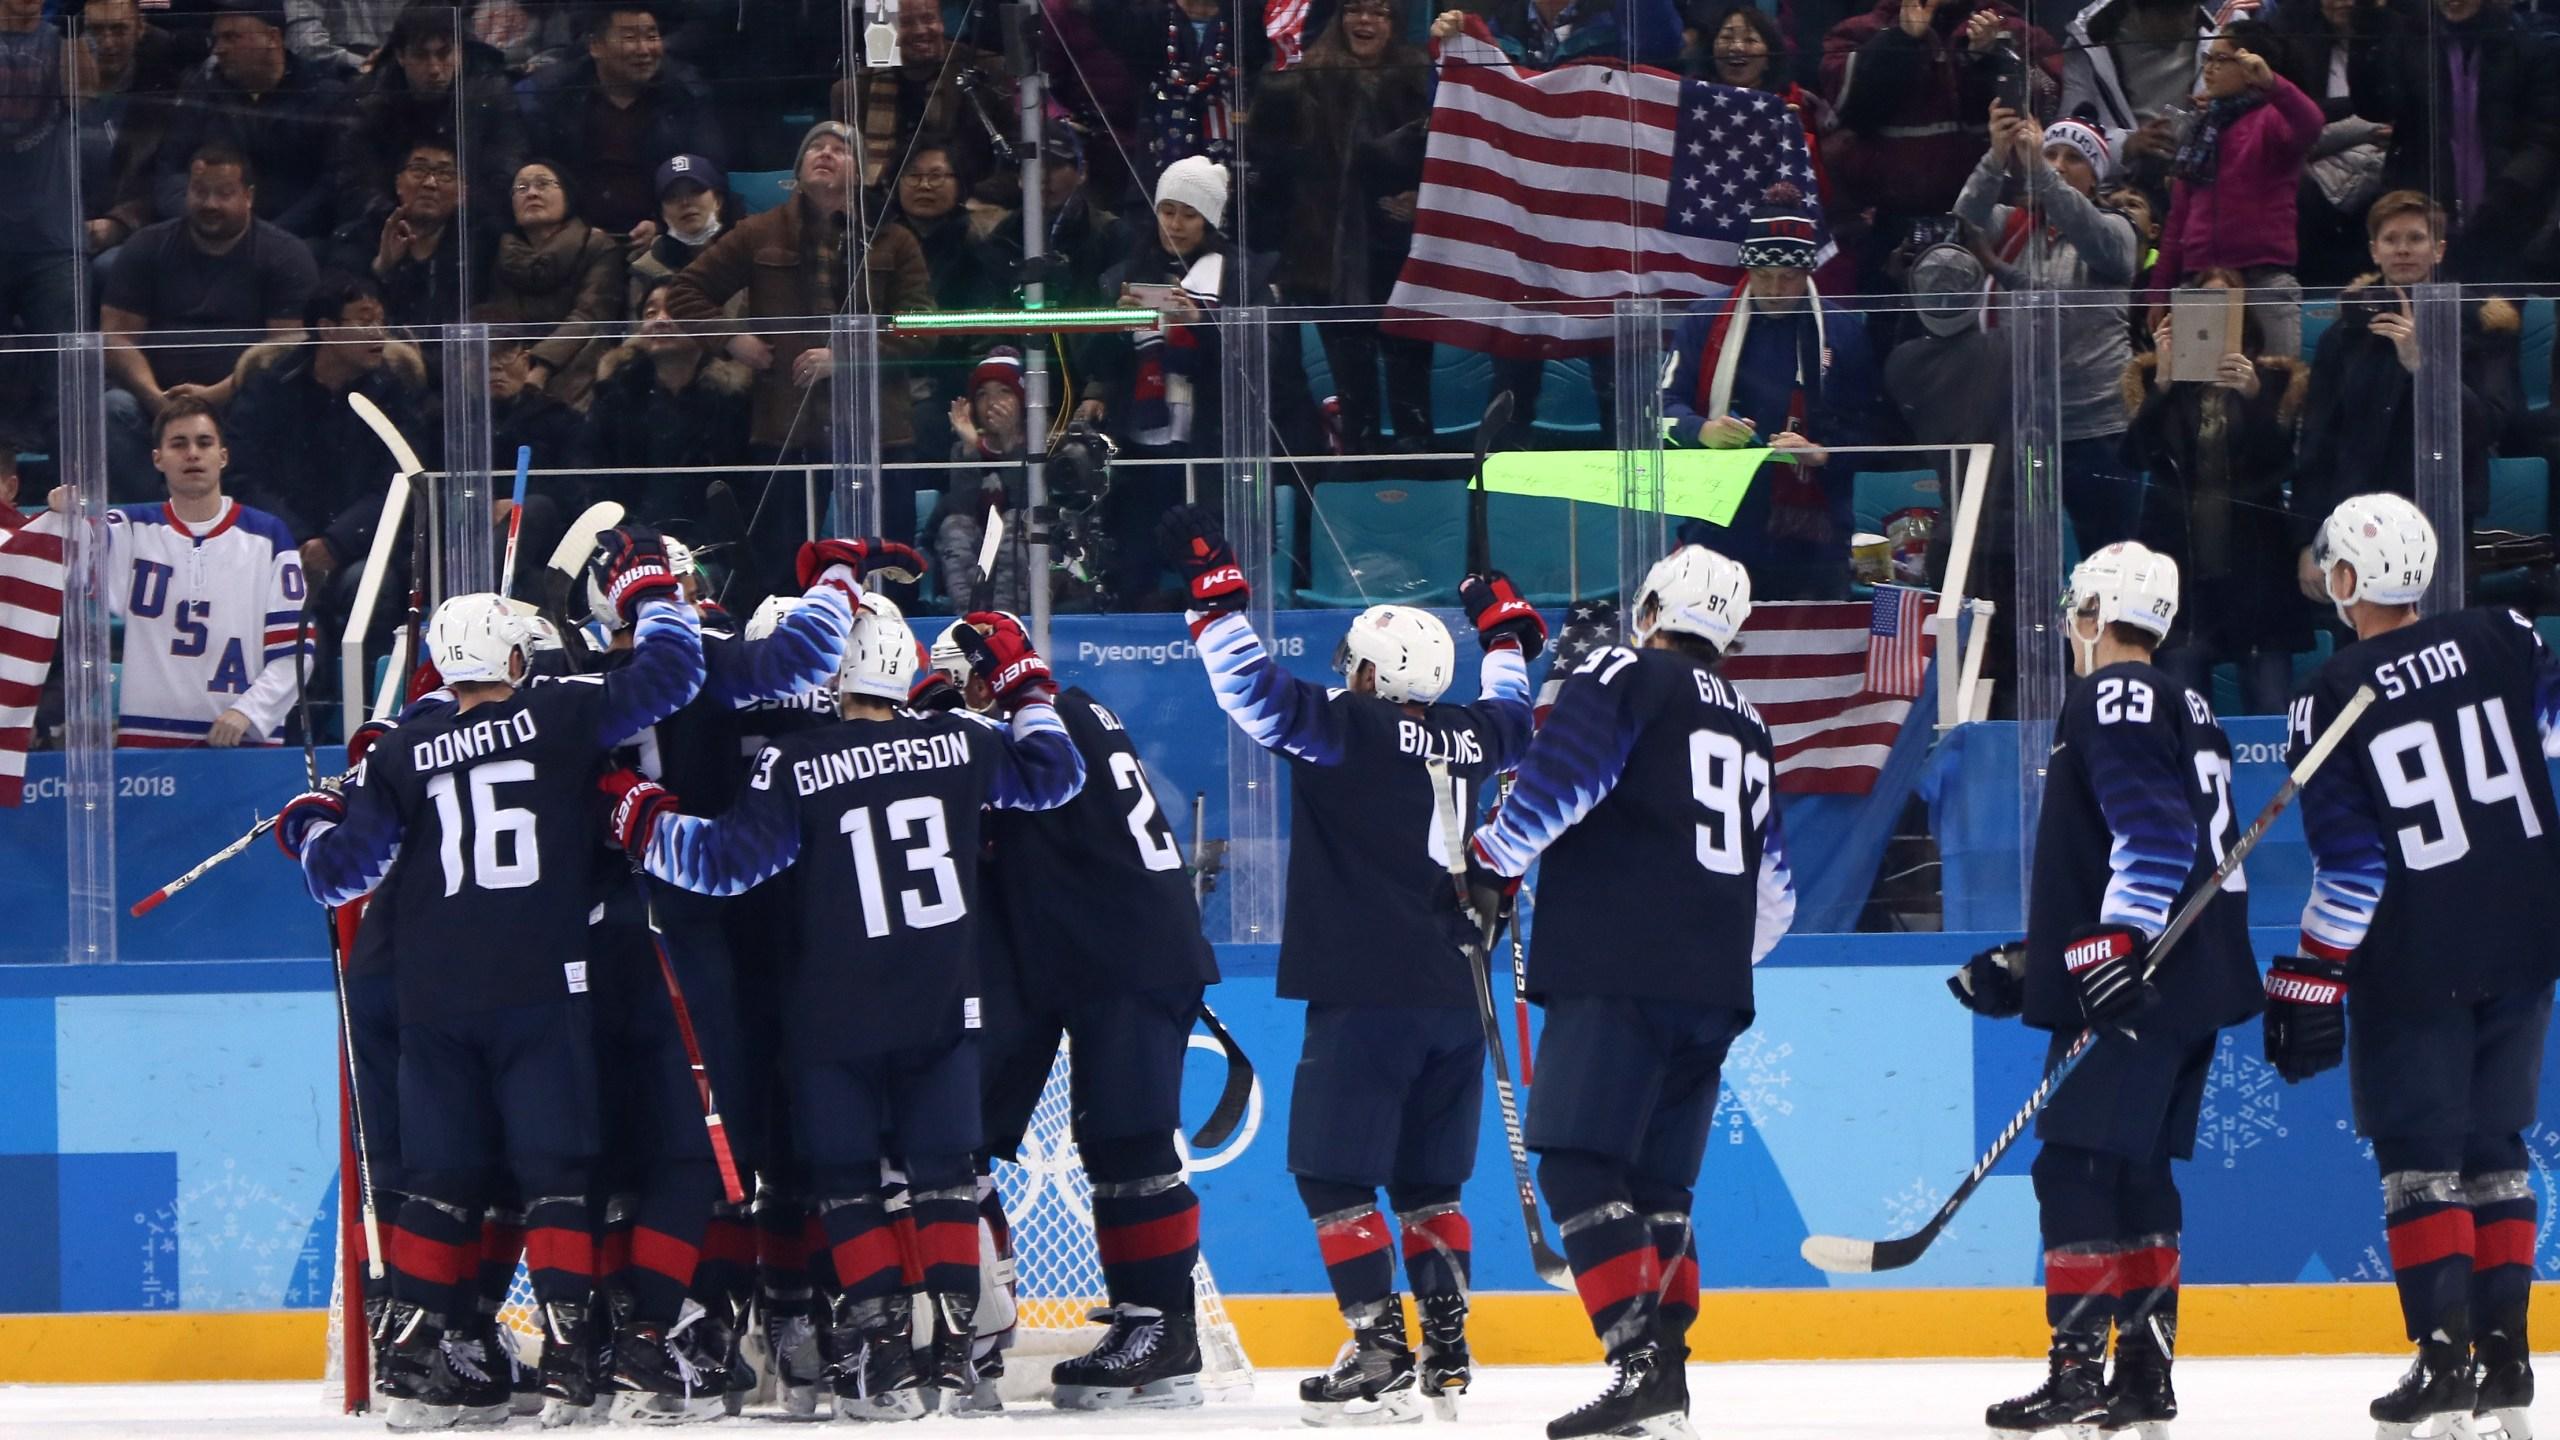 Ice Hockey – Winter Olympics Day 7_637552